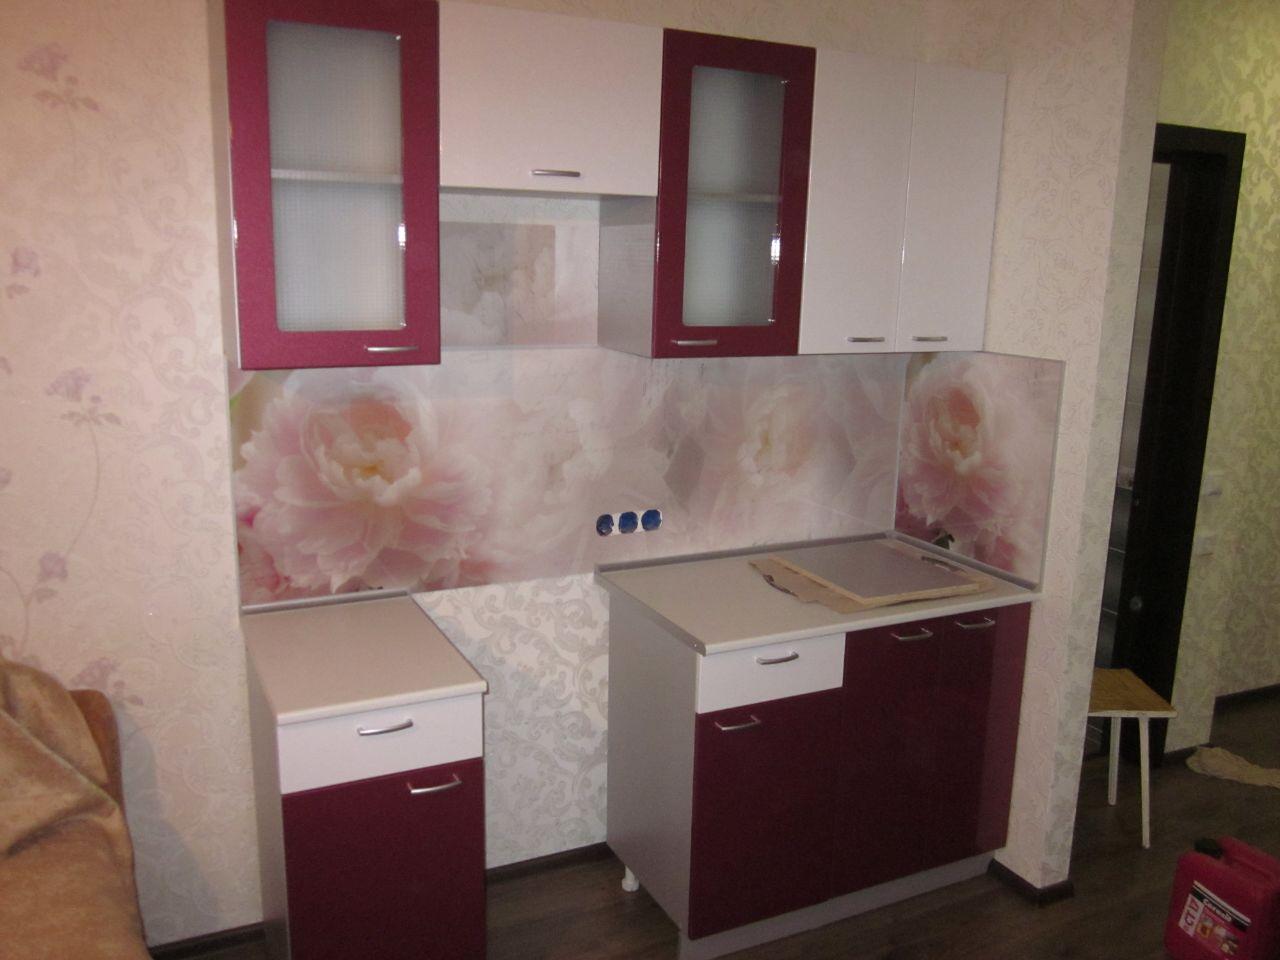 Фото. Кухня эконом класса. Цена 34 тыс рублей